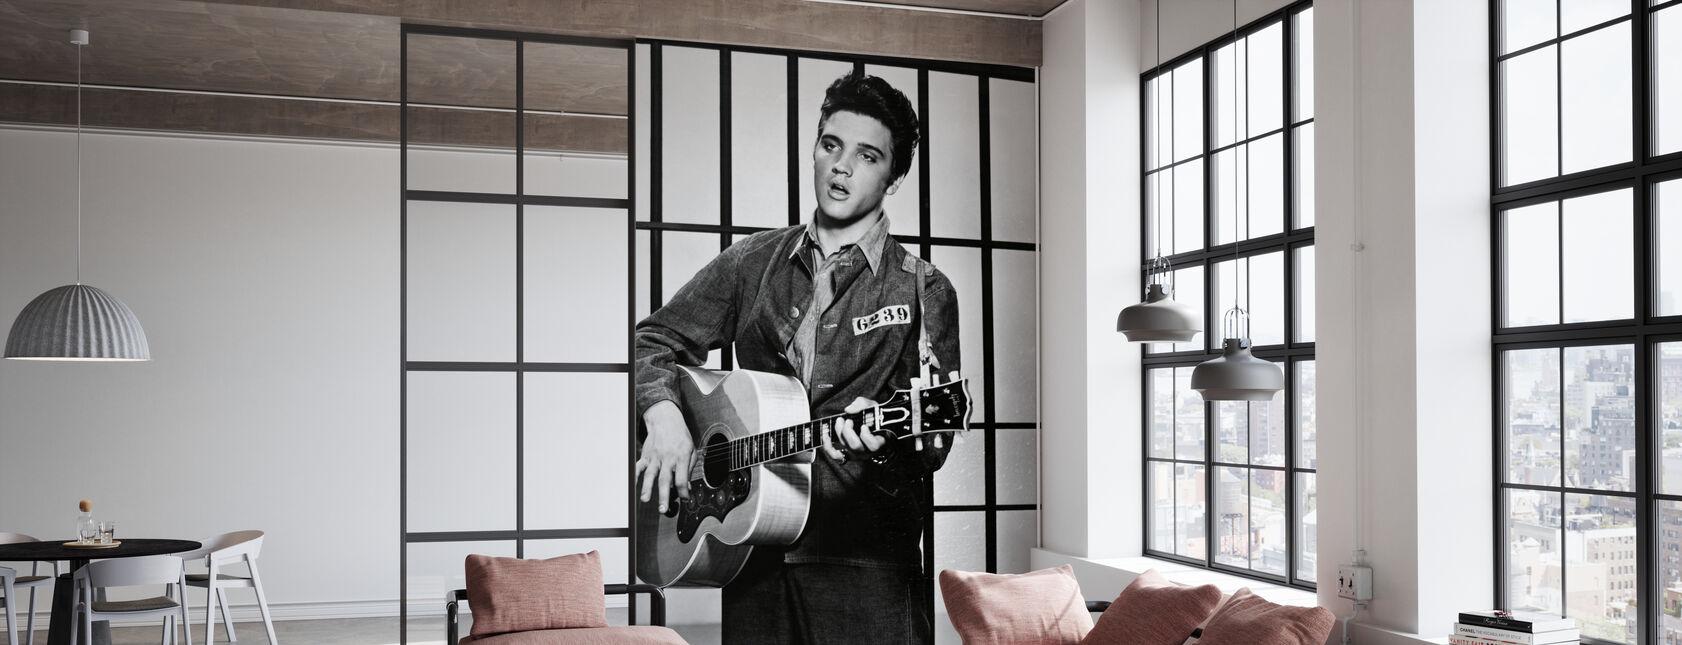 Elvis Presley dans Jailhouse Rock - Papier peint - Bureau